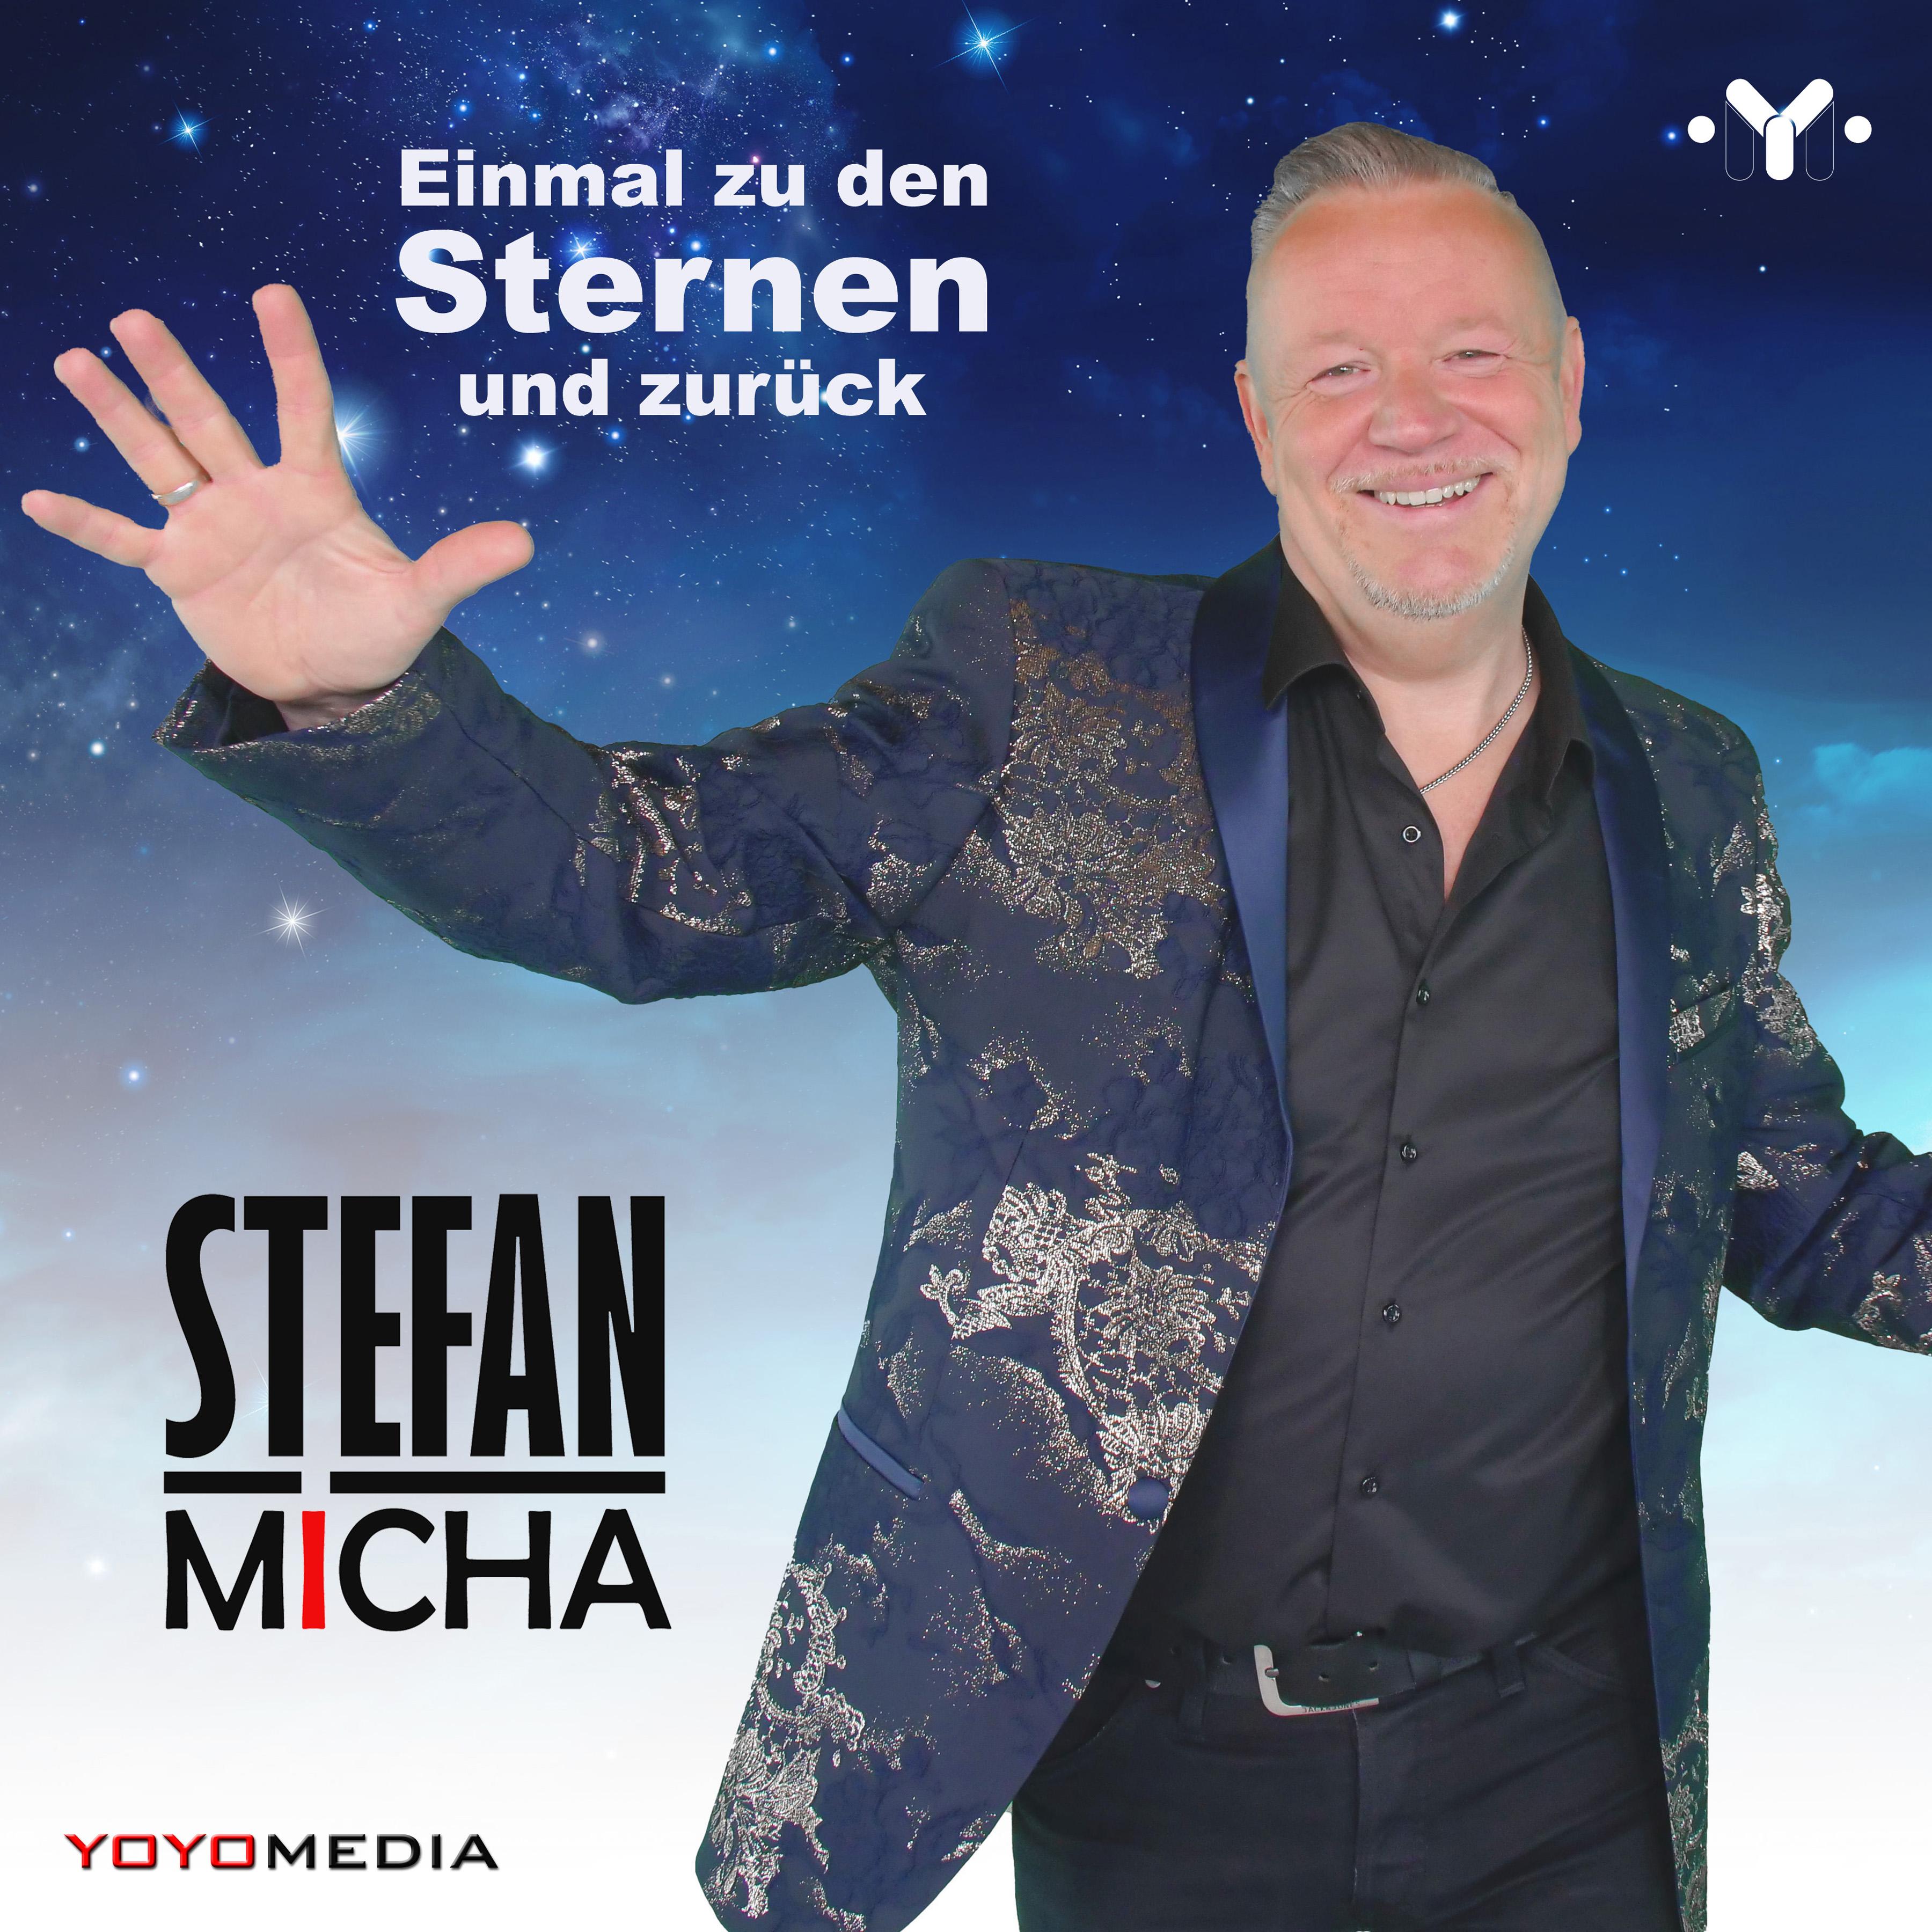 STEFAN MICHA * Einmal zu den Sternen und zurück (Download-Bundle)